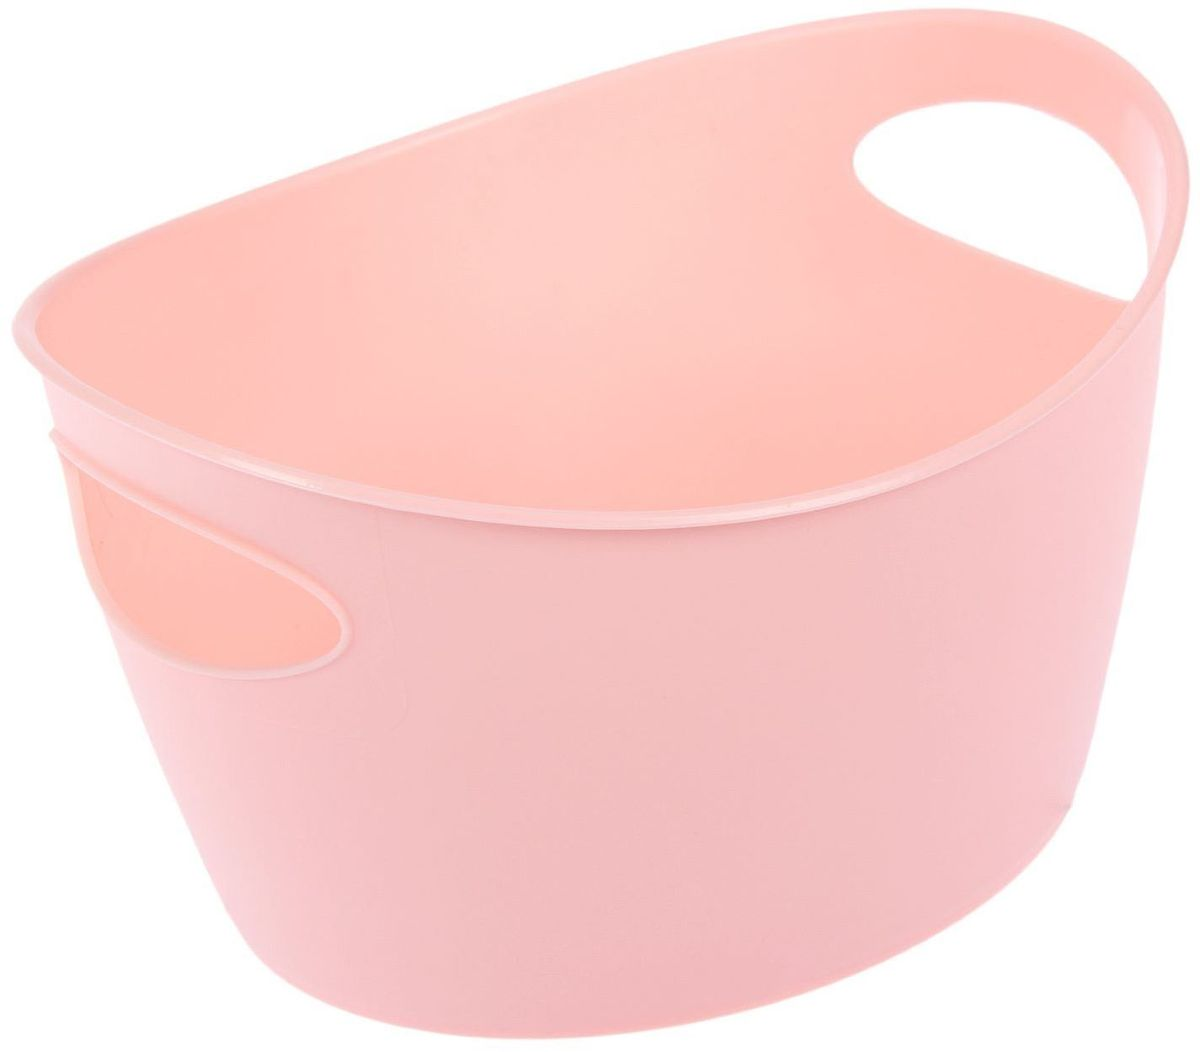 Миска Fimako Ладья, цвет: персиковый, 1,25 л115510От качества посуды зависит не только вкус еды, но и здоровье человека. Любой хозяйке будет приятно держать его в руках. С посудой и кухонной утварью Fimako приготовление еды и сервировка стола превратятся в настоящий праздник.